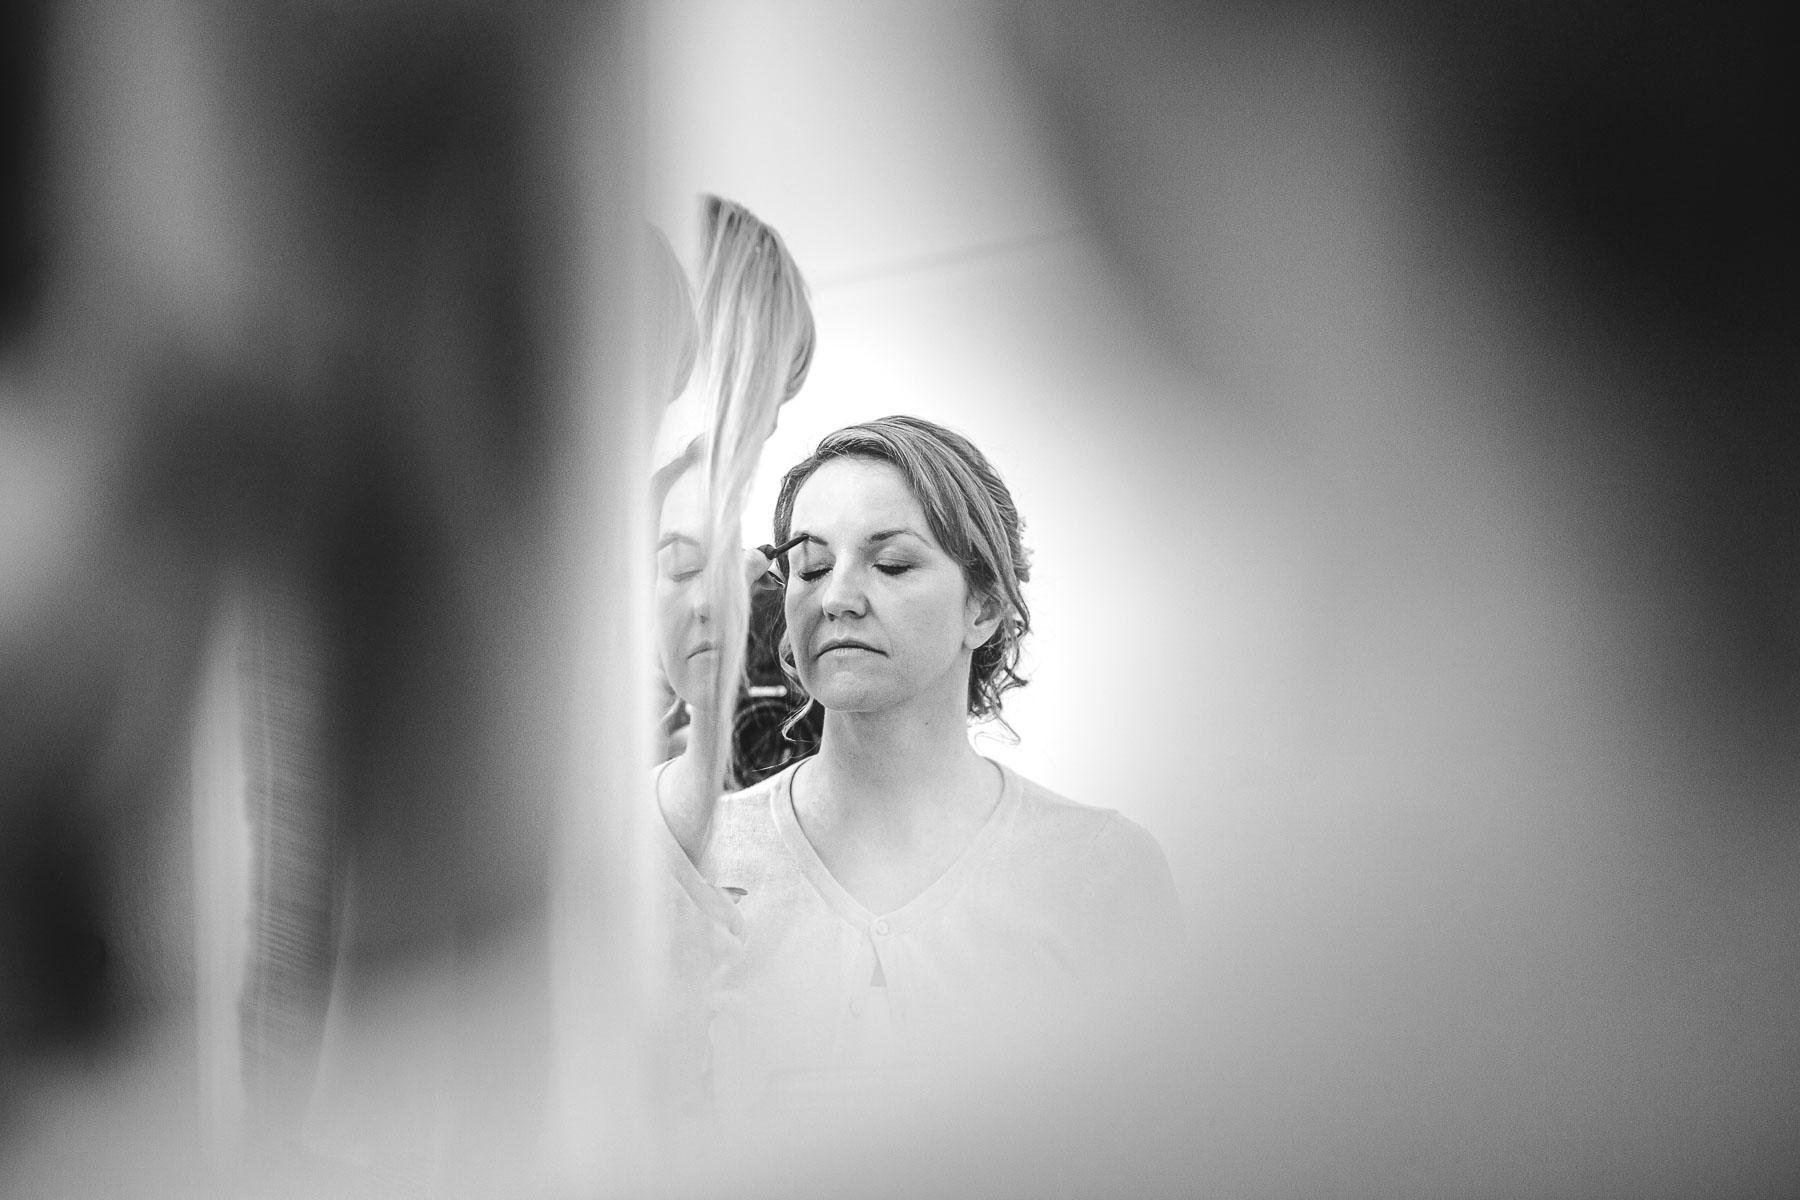 Hochzeitsfotografin-Wien-Herkner-37b